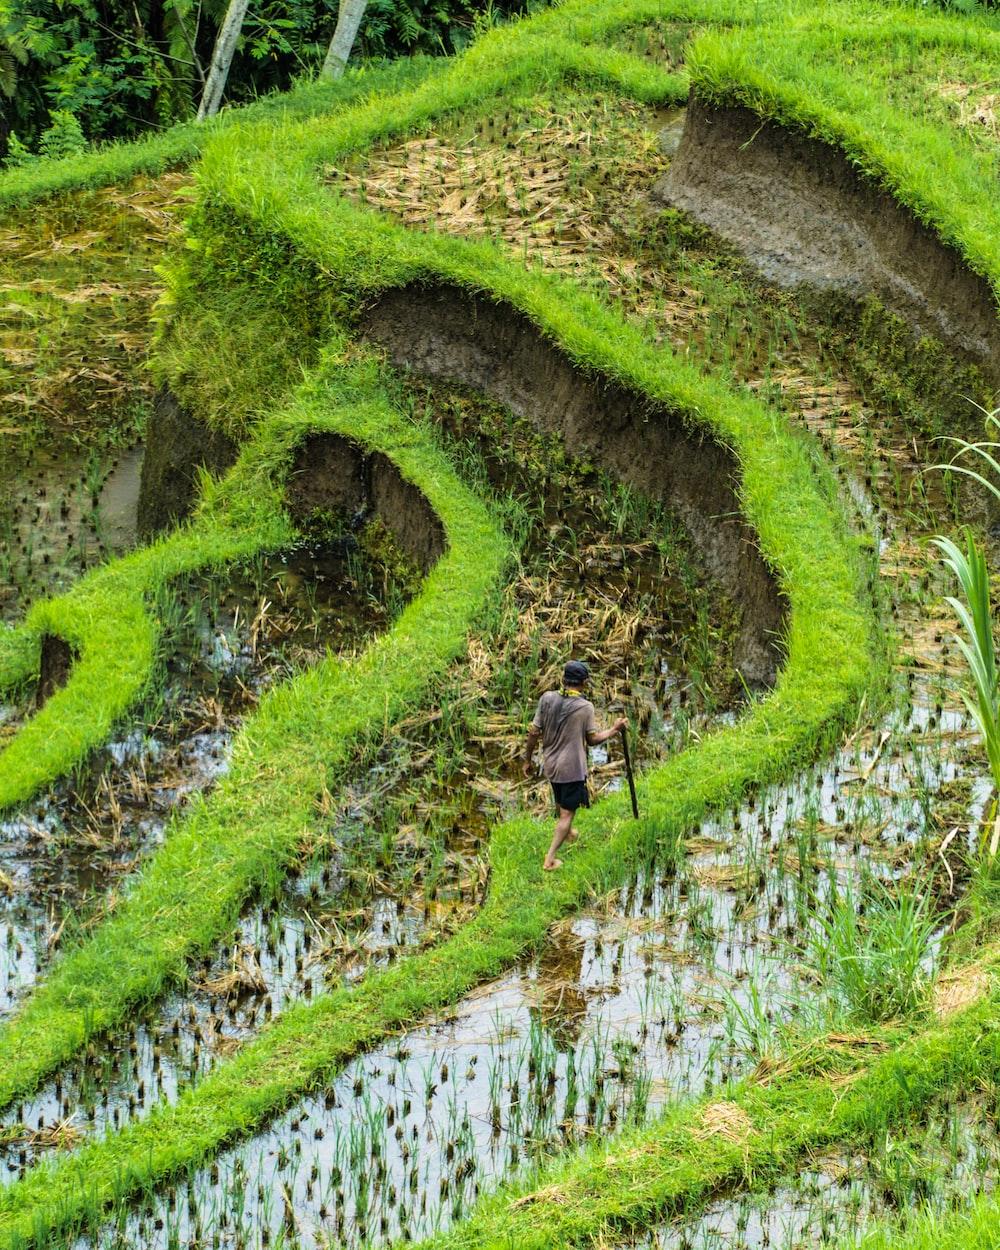 man walking at green rice field